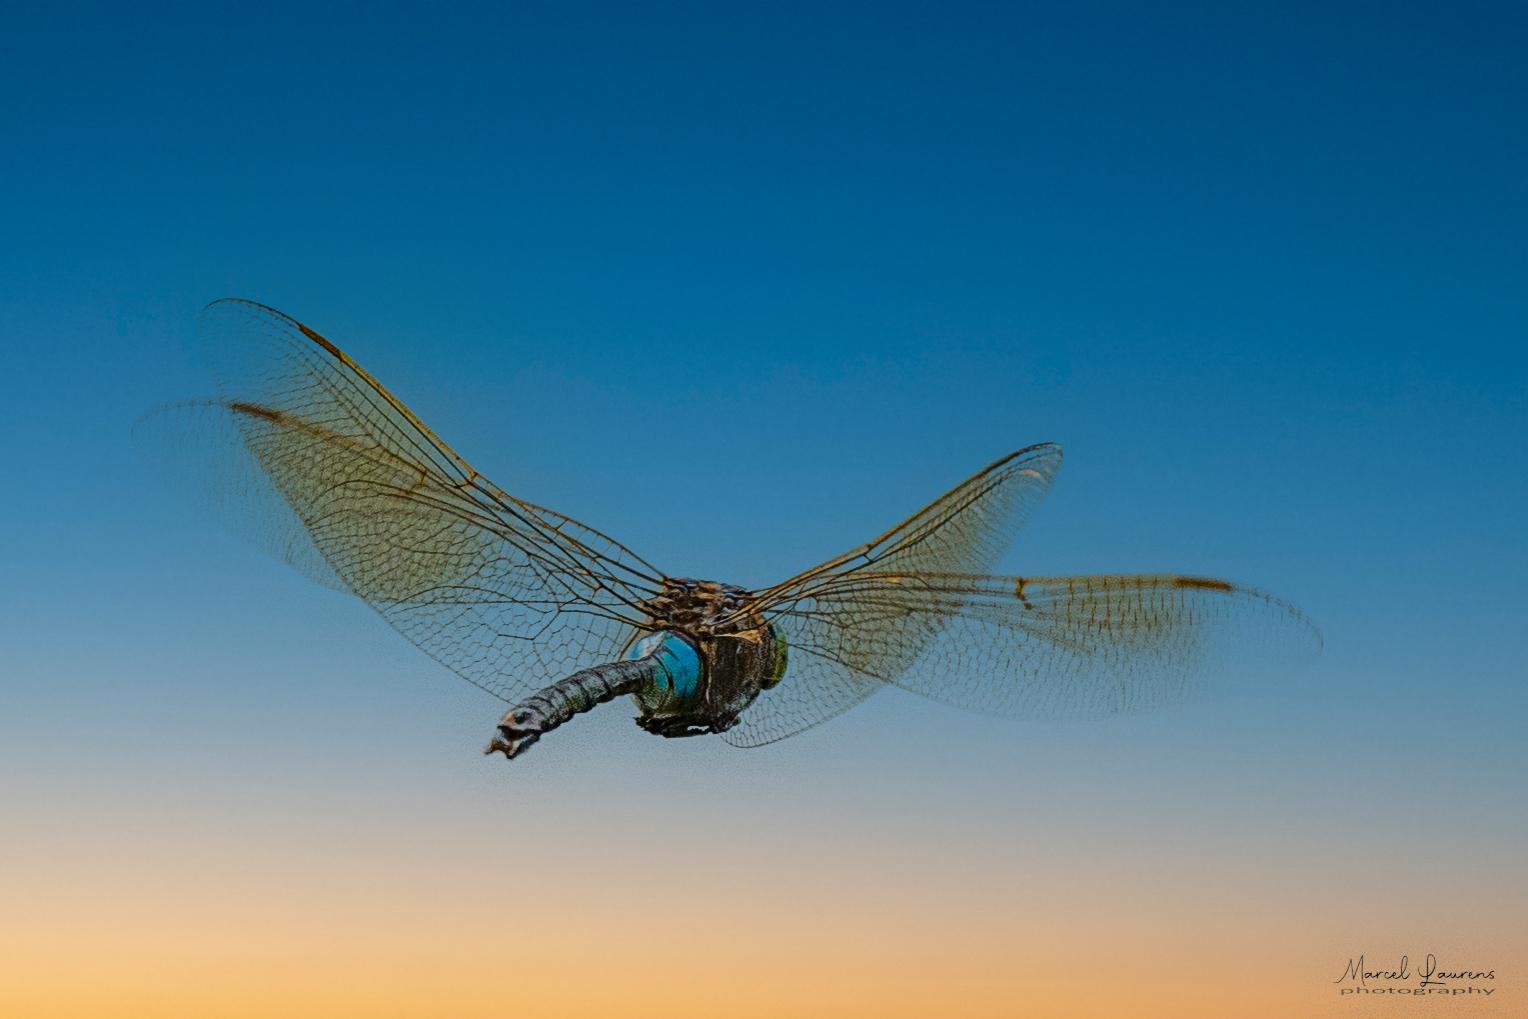 Libelle - Libelle in AWD - foto door Marcel2205 op 12-04-2021 - locatie: AWD - deze foto bevat: libelle, awd, hoofd, lucht, oog, insect, azuur, geleedpotigen, libellen en damseflies, vleugel, elektrisch blauw, ongewervelden